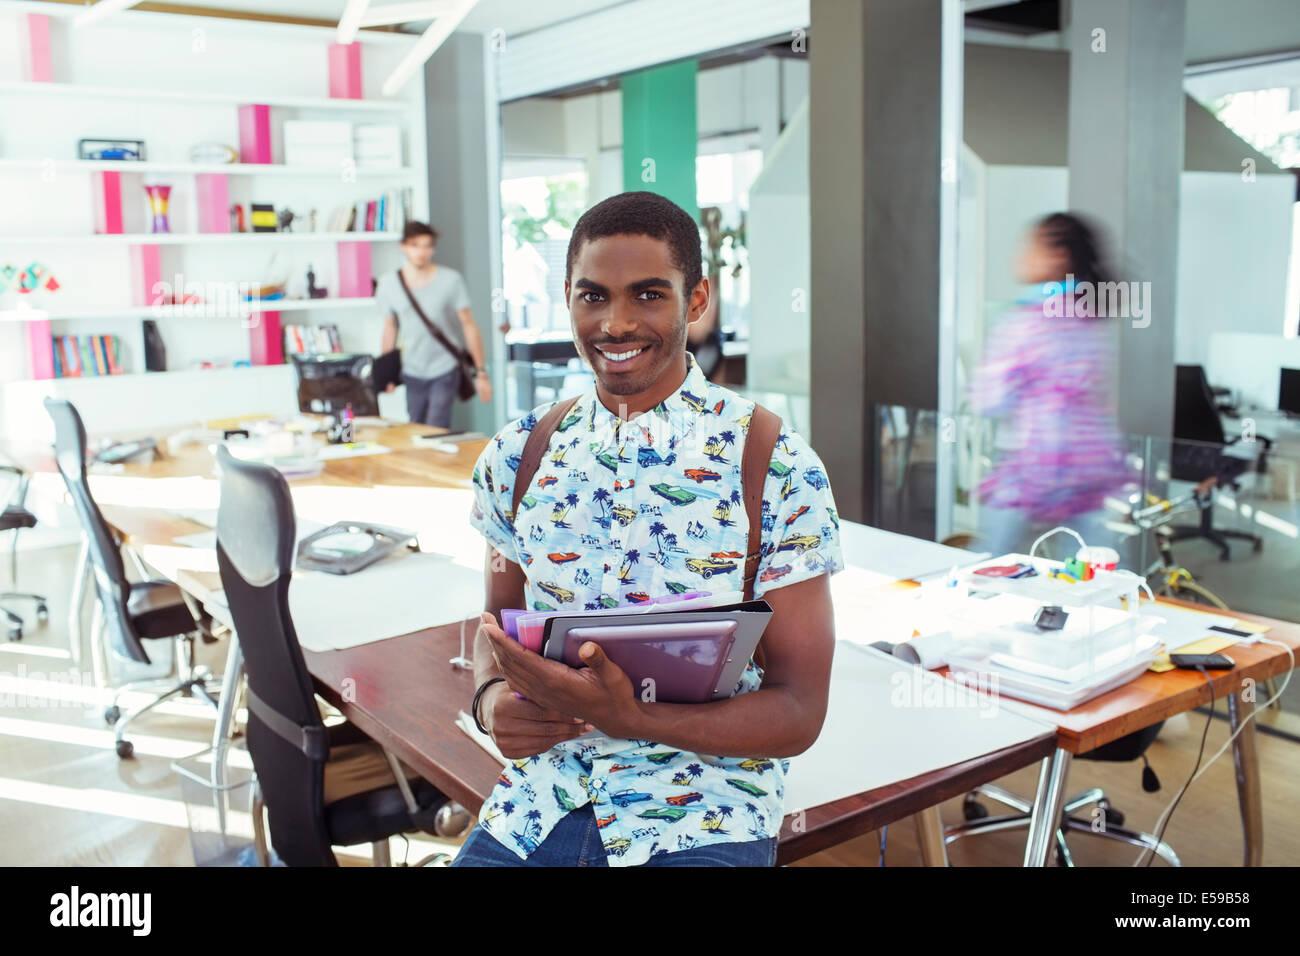 Menschen Lächeln am Konferenztisch im Büro Stockbild